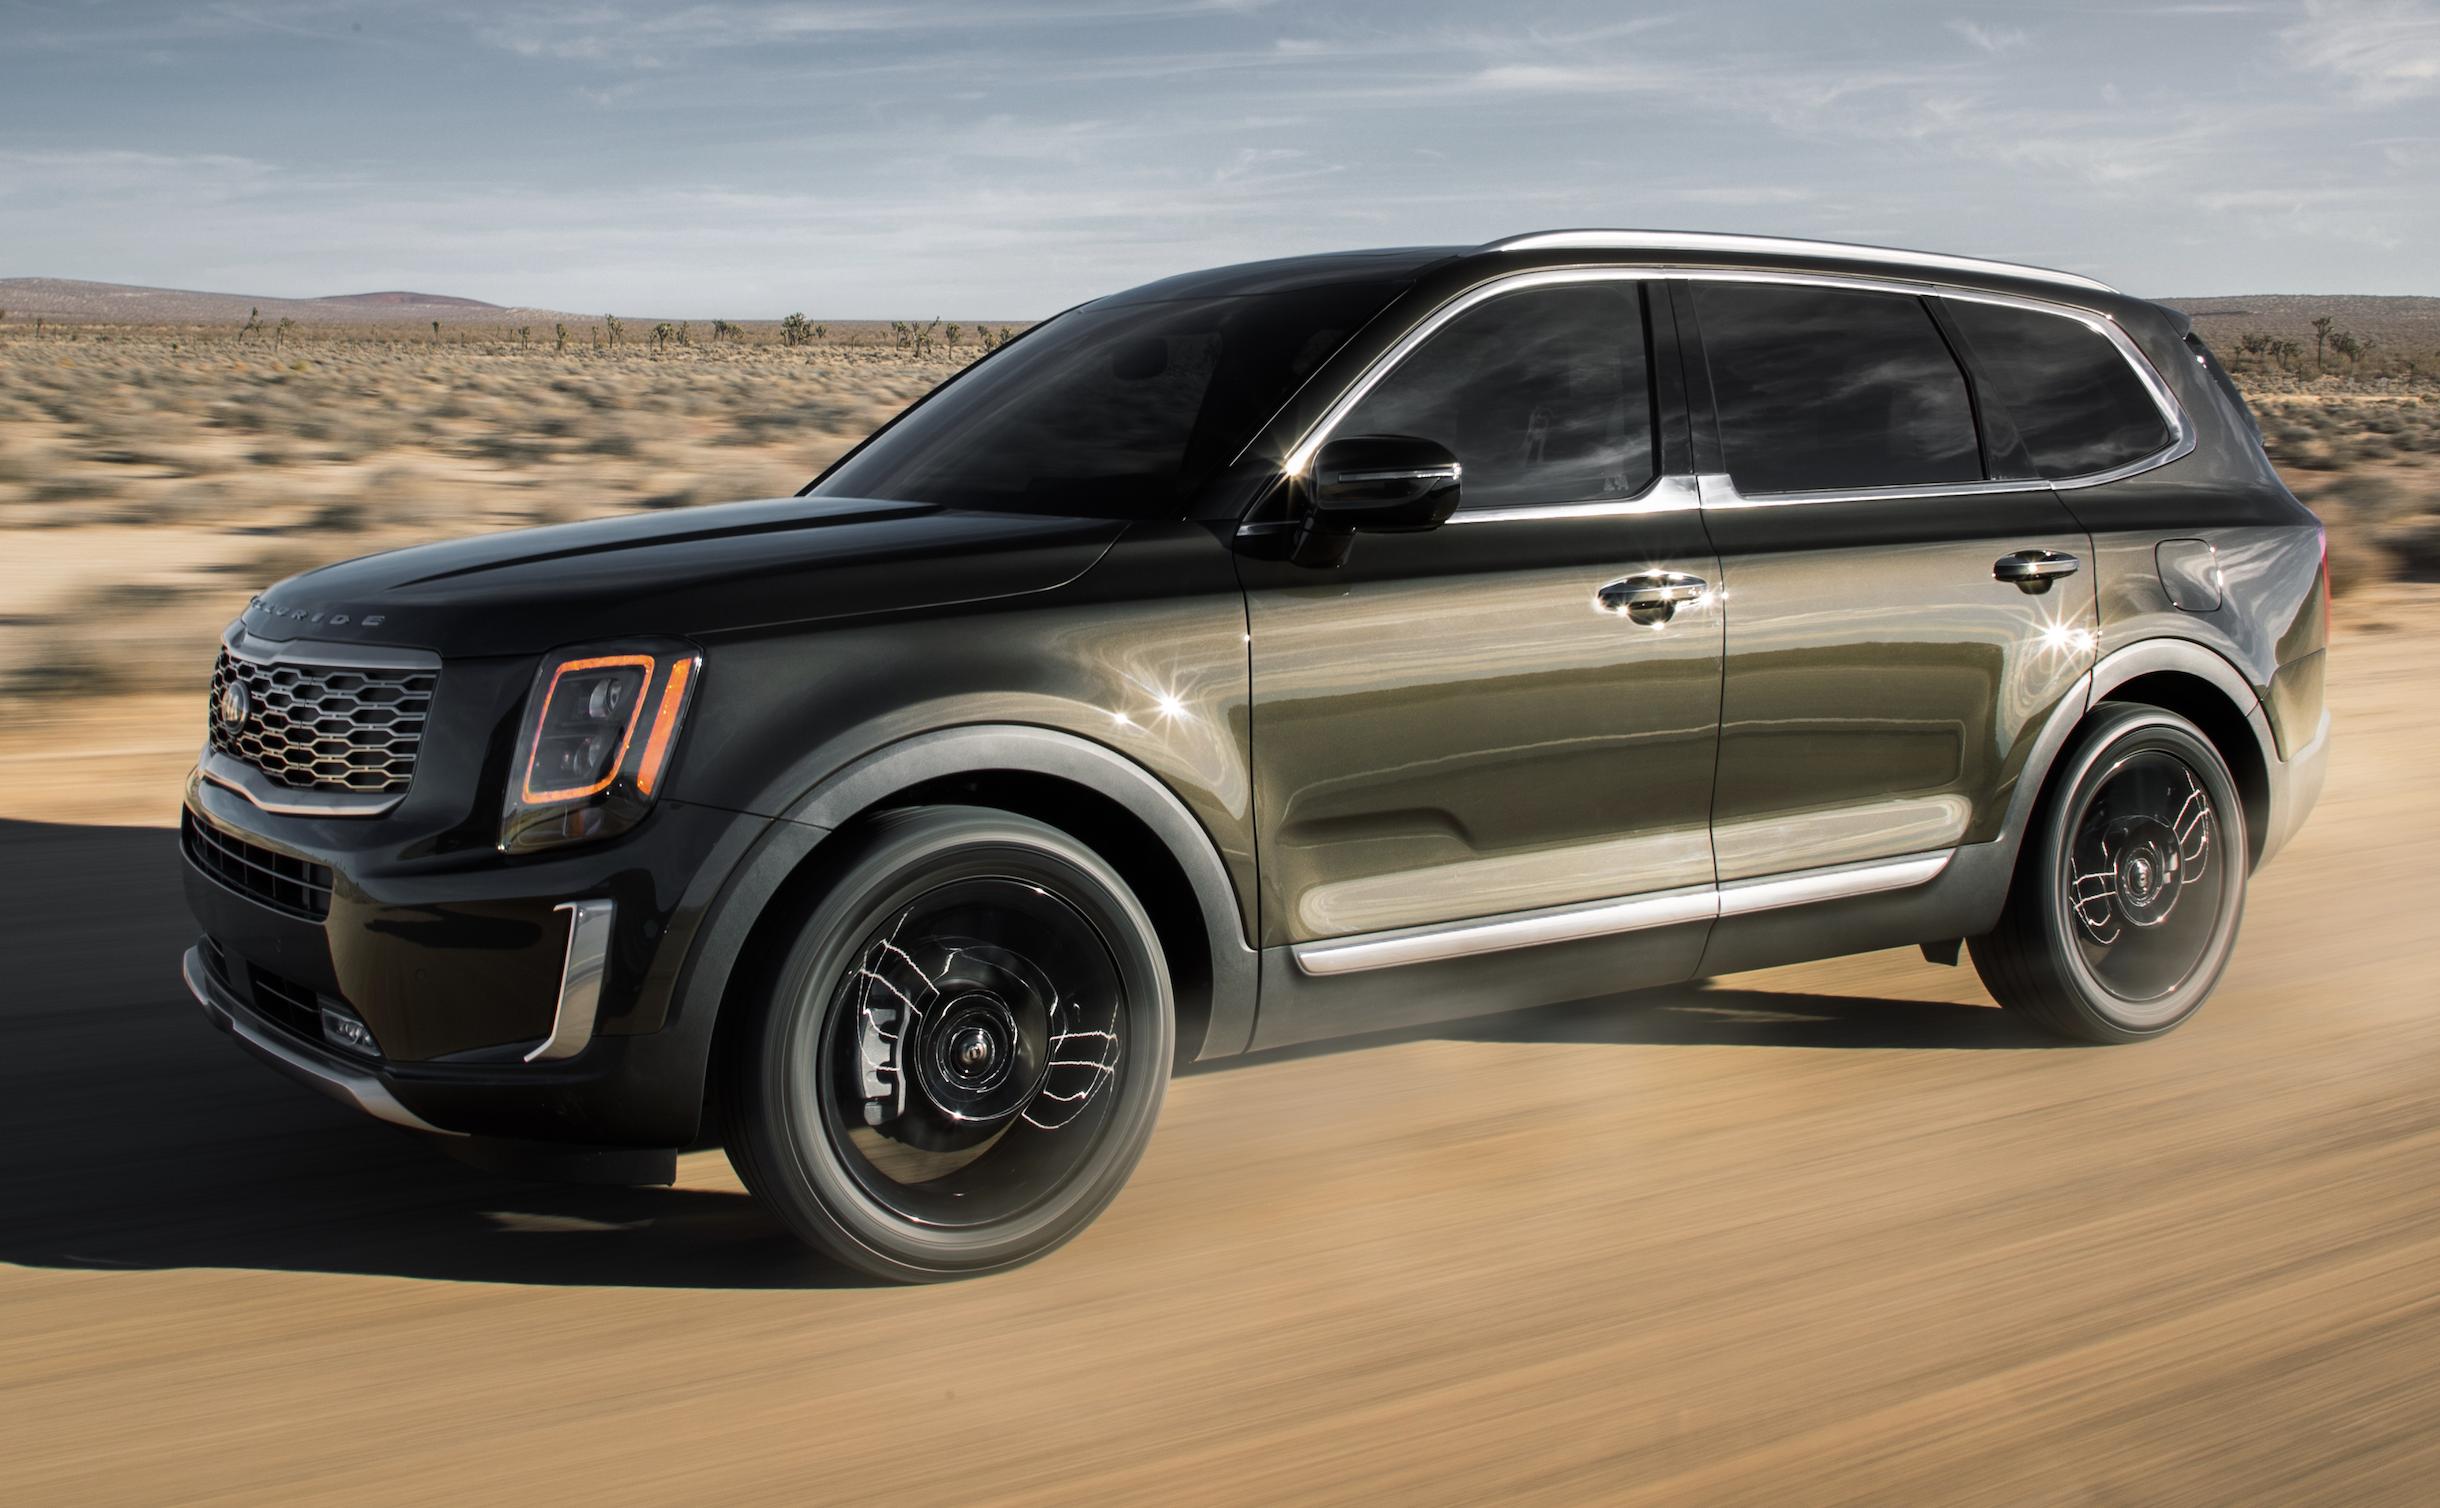 2019 Detroit Auto Show: 2020 Kia Telluride